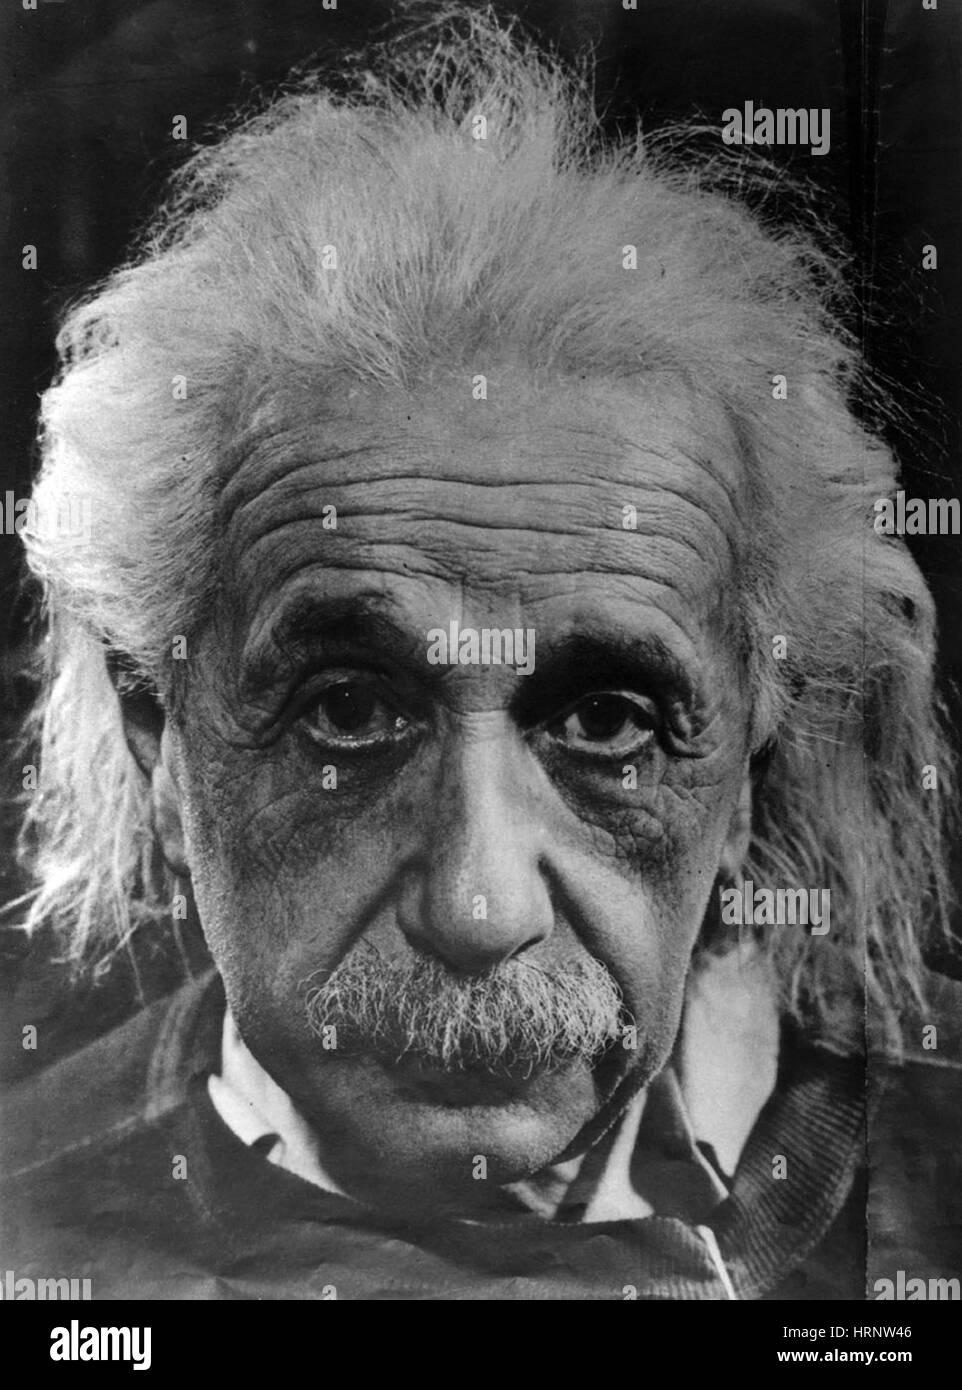 Albert Einstein (14. März 1879 - 18. April 1955) war ein deutschstämmiger theoretischer Physiker. Er entwickelte Stockfoto